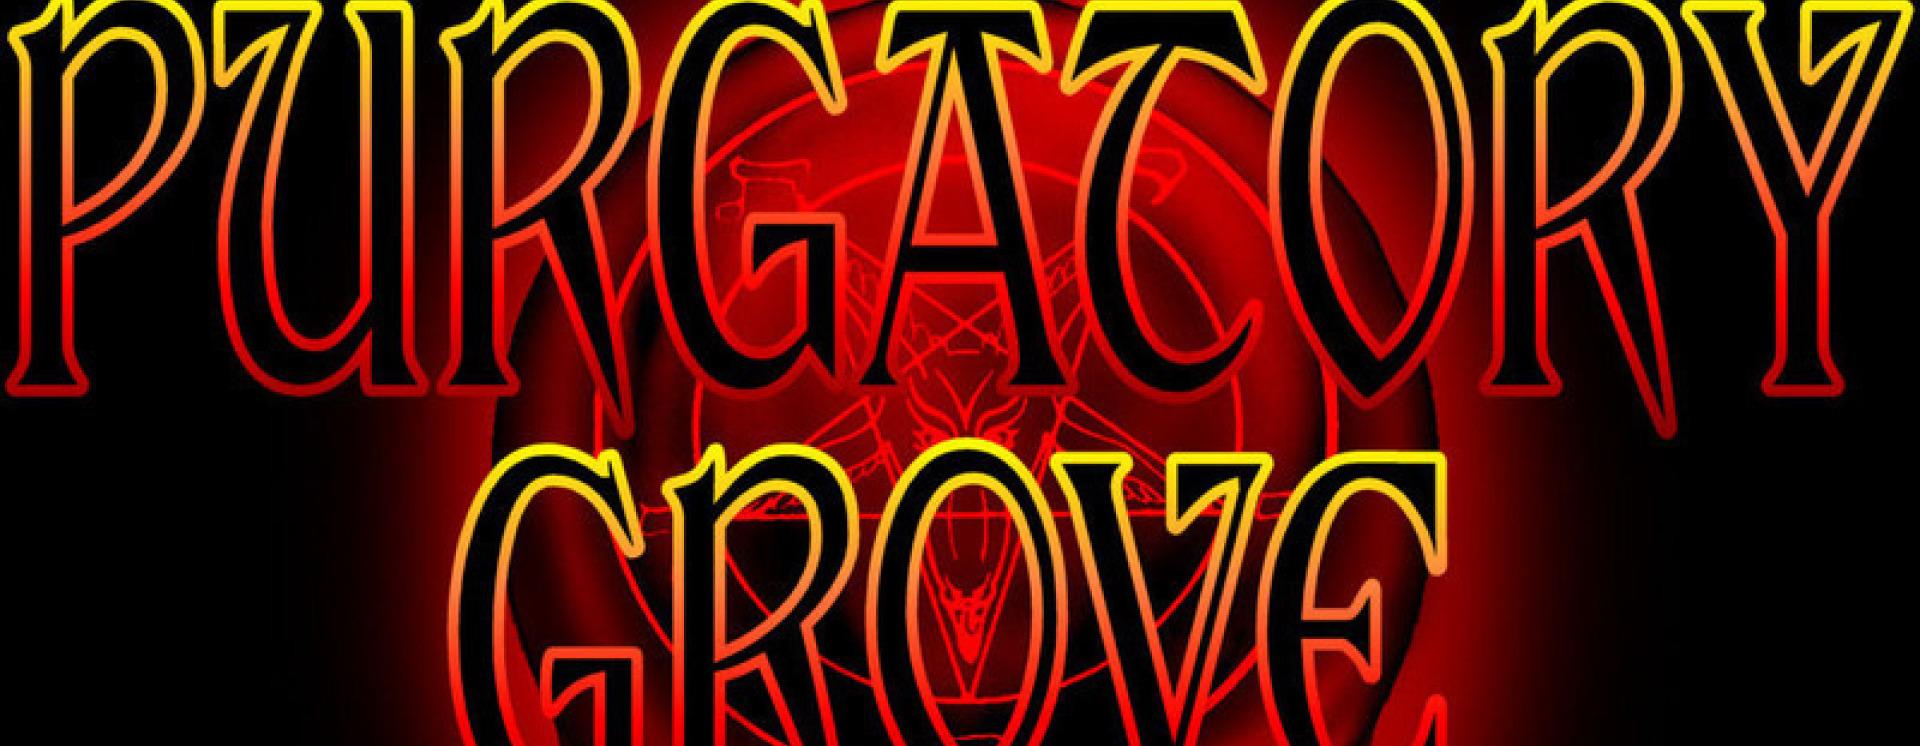 Purglogo 01 1286991811 copy